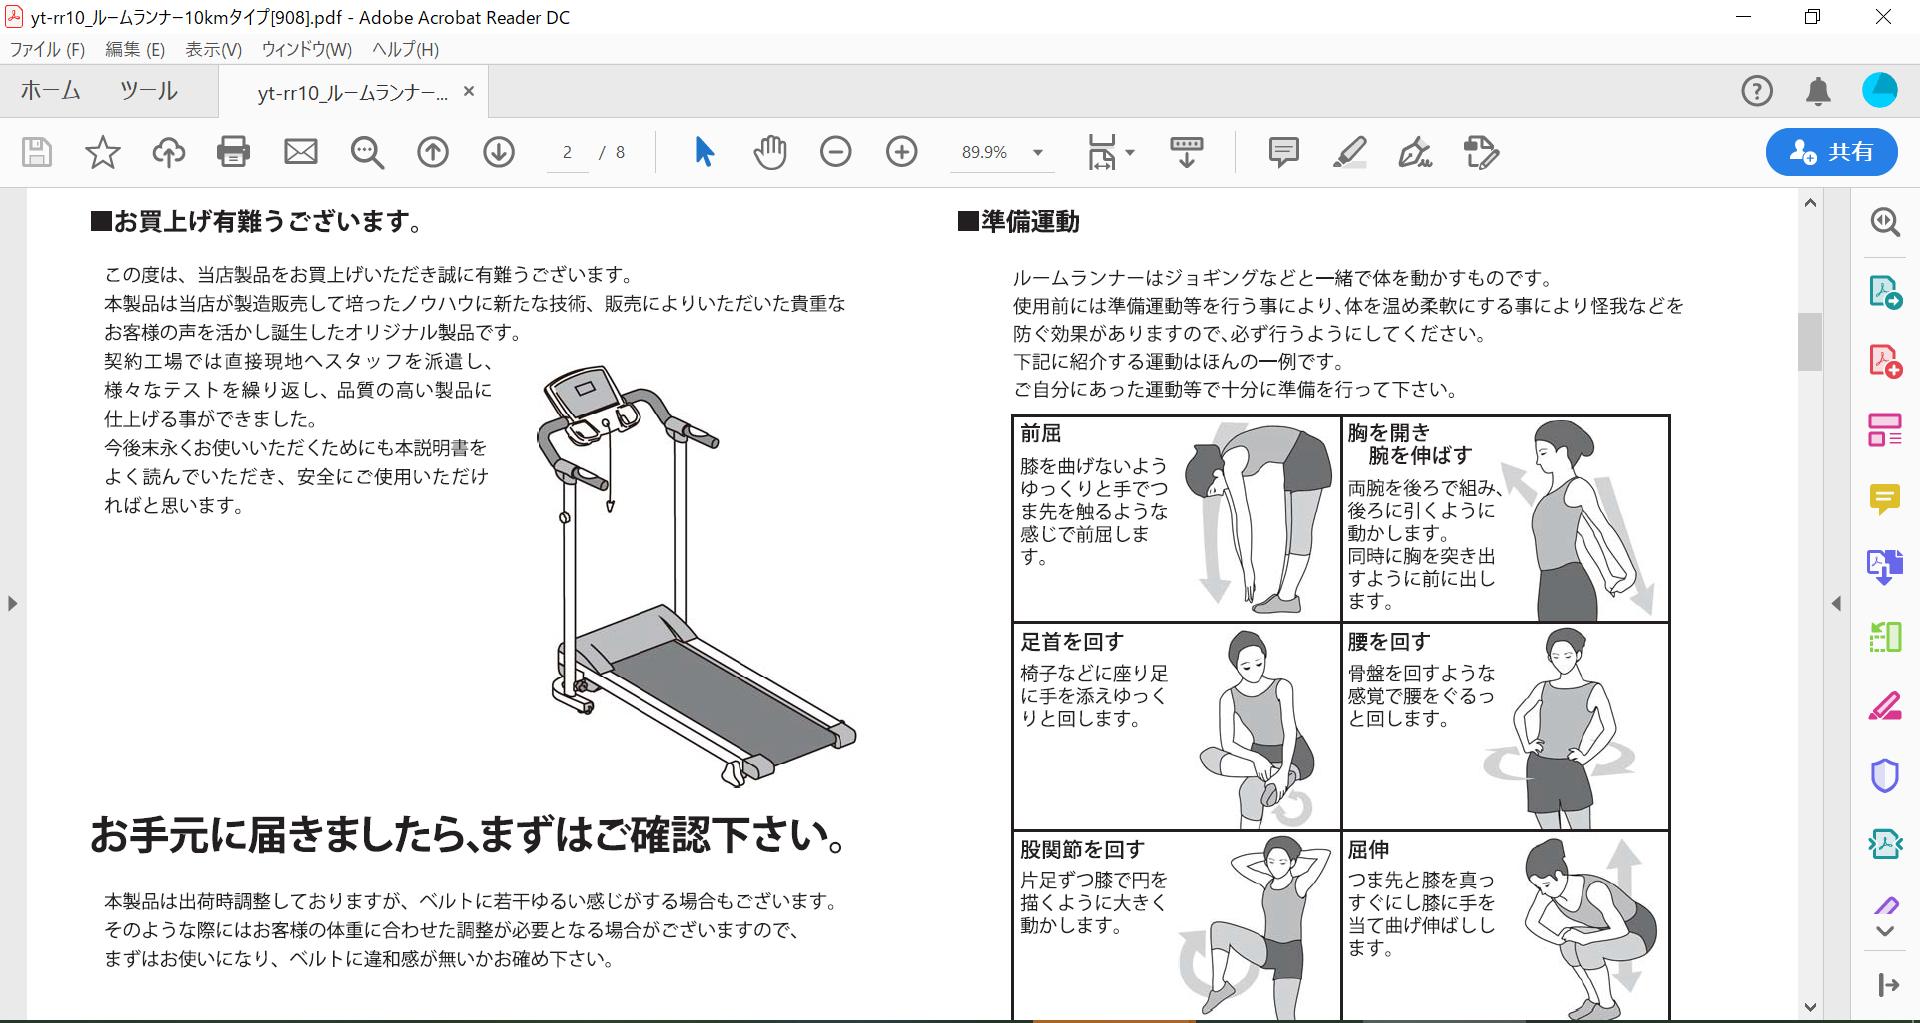 ルームランナー取説PDF